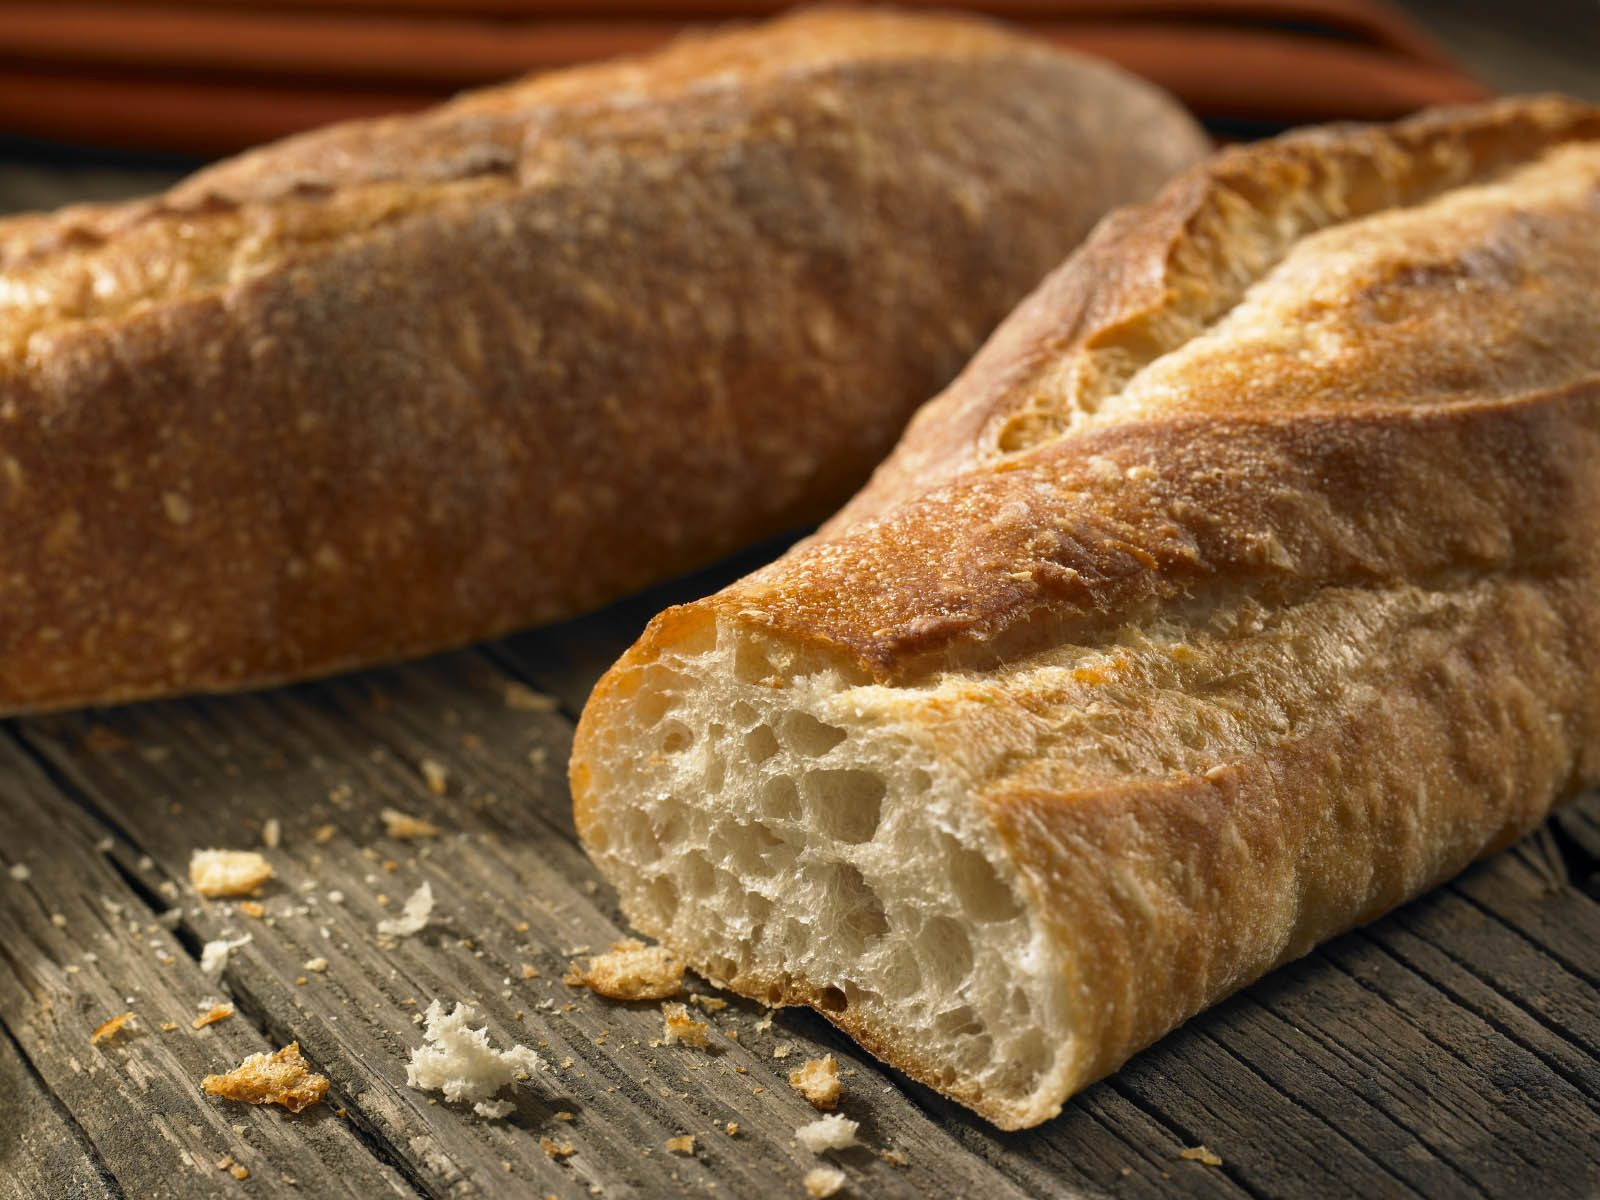 Mythe sur la santé : existe-t-il un lien entre césariennes et problèmes de gluten?